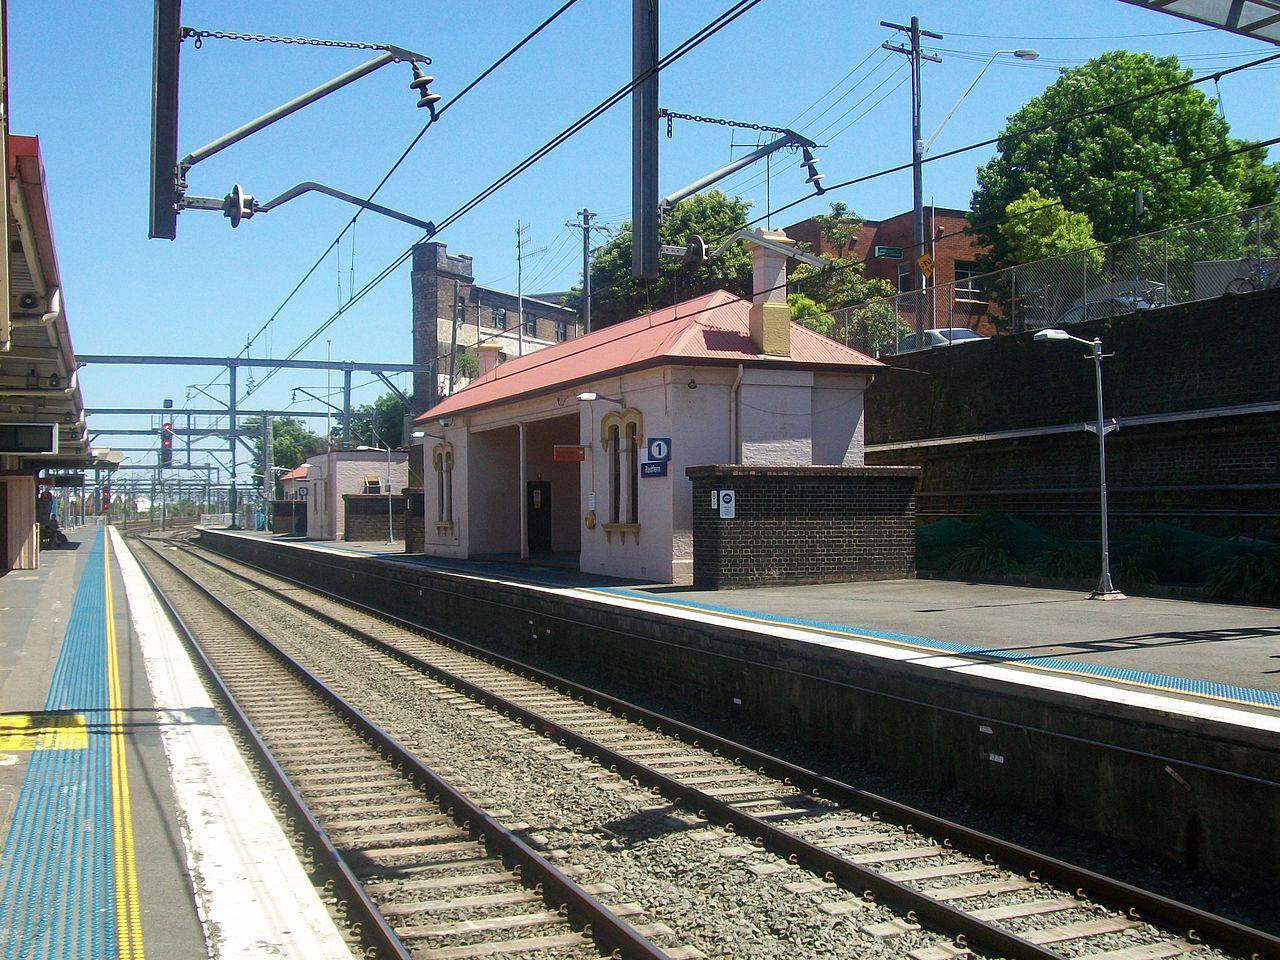 redfern station - photo #9